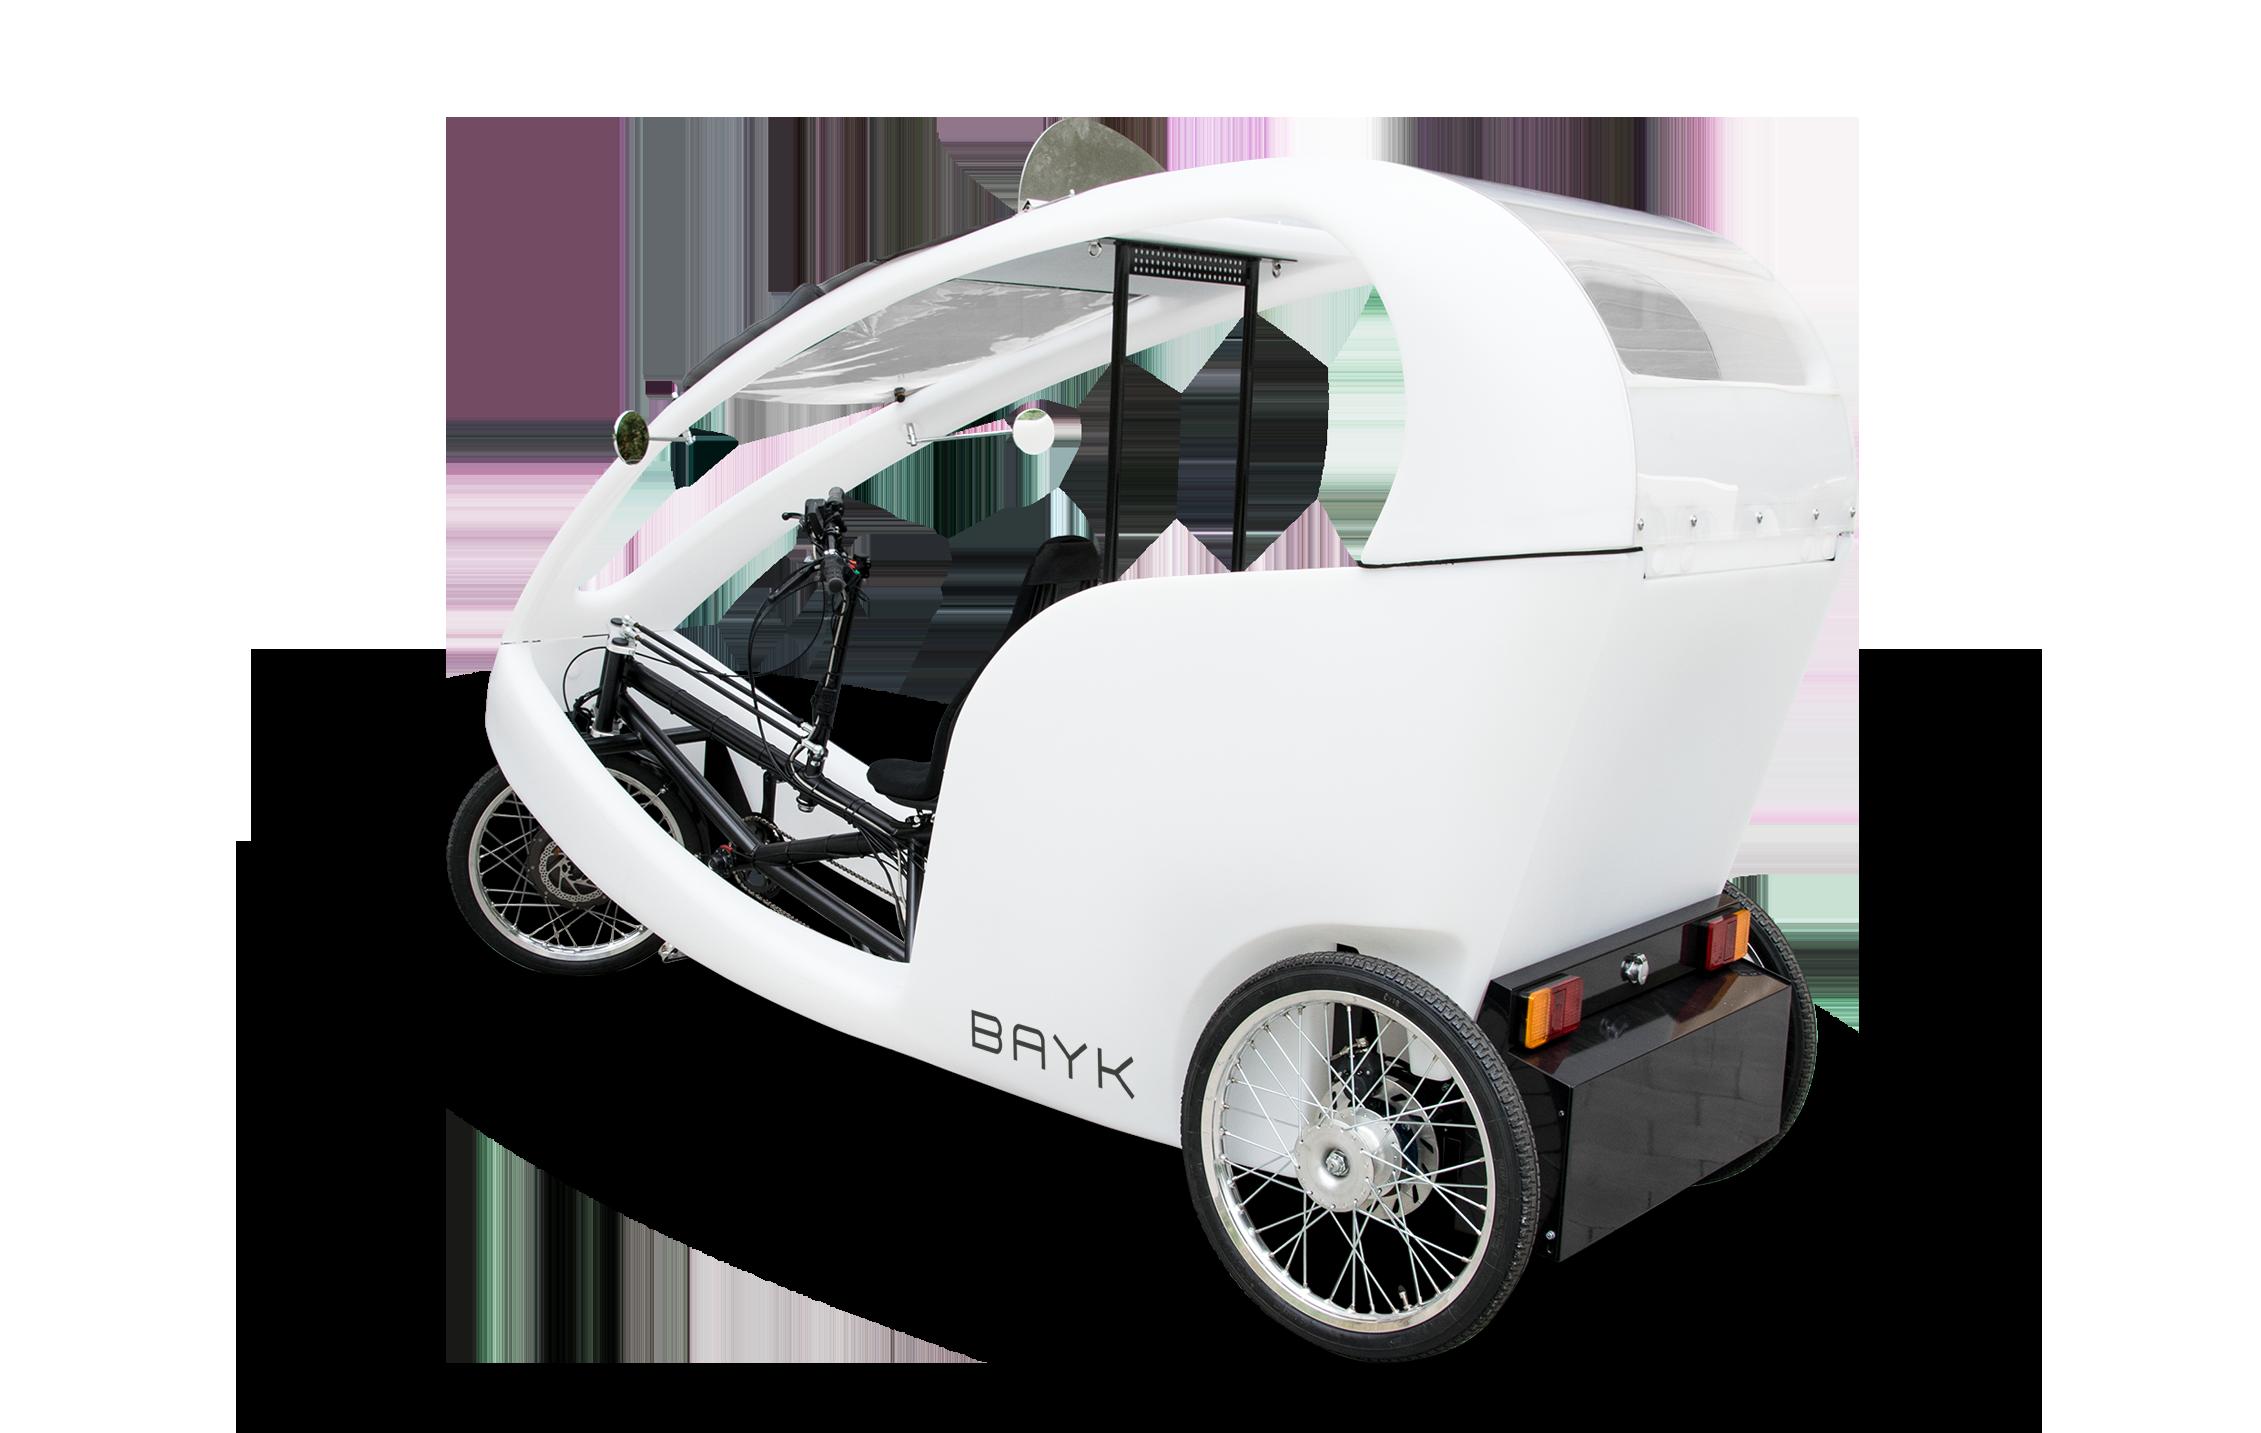 CRUISER - DAS VELOTAXI mit Dual Motor Antriebssystem 48 V, 222 Nm, Nabenschaltung Nexus